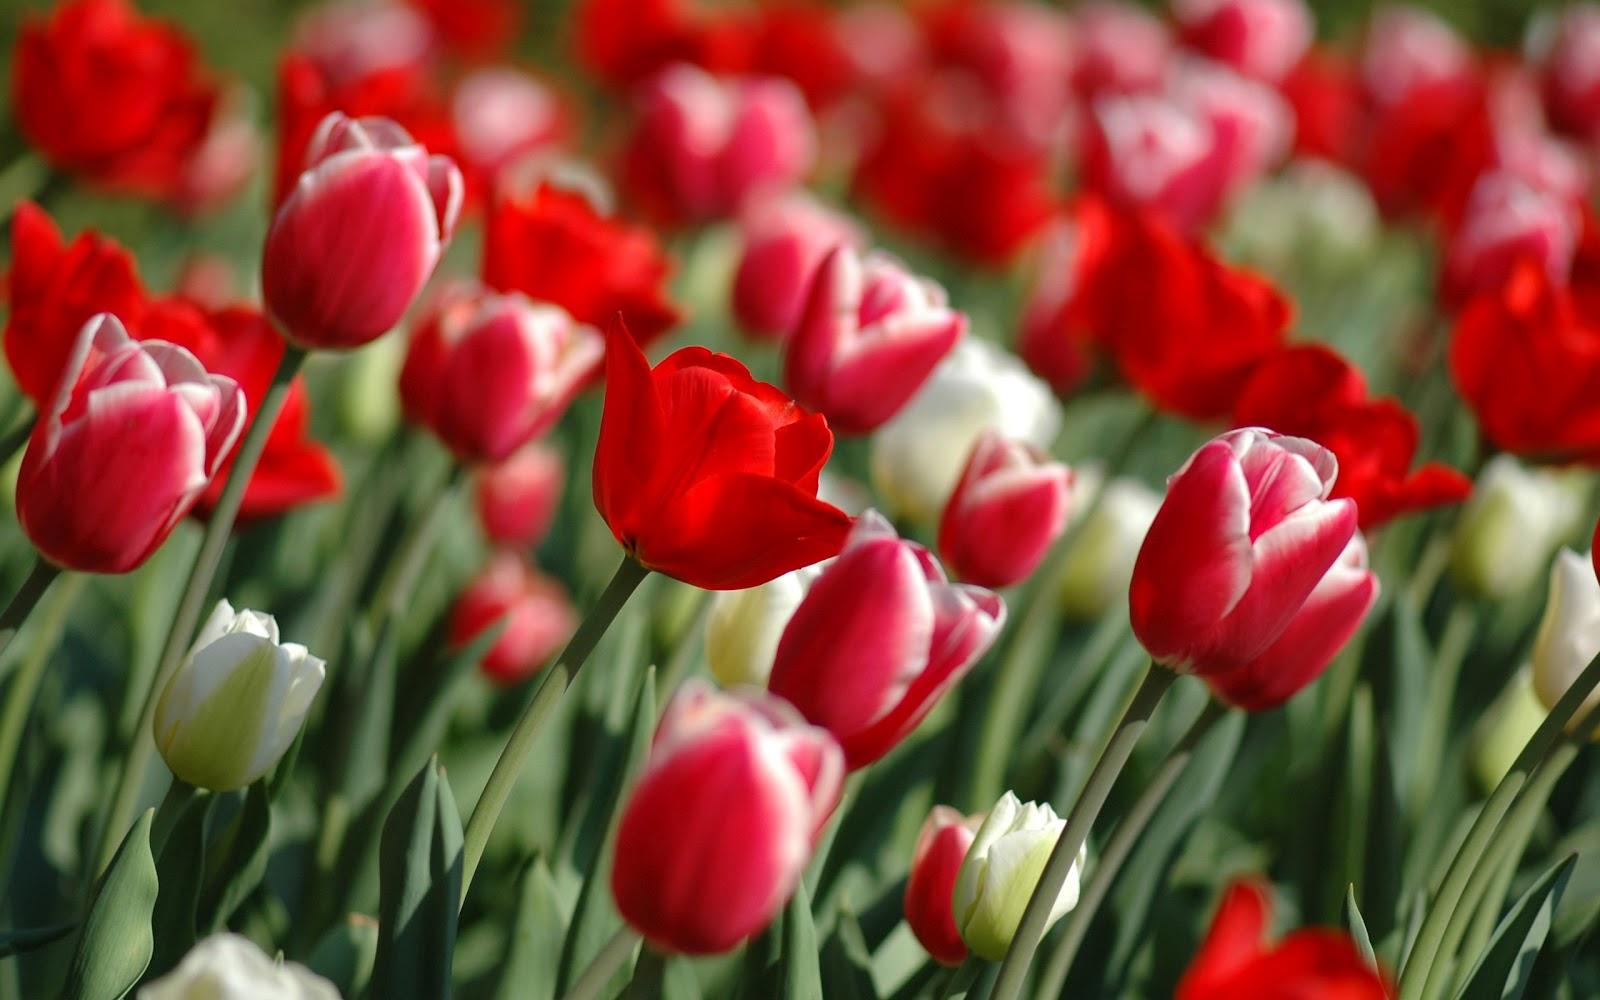 http://2.bp.blogspot.com/-C6uW6zwfrYY/Ty6_EgpymyI/AAAAAAAAFdU/i35NNWKnRa8/s1600/Spring_Wallpaper_10.jpg